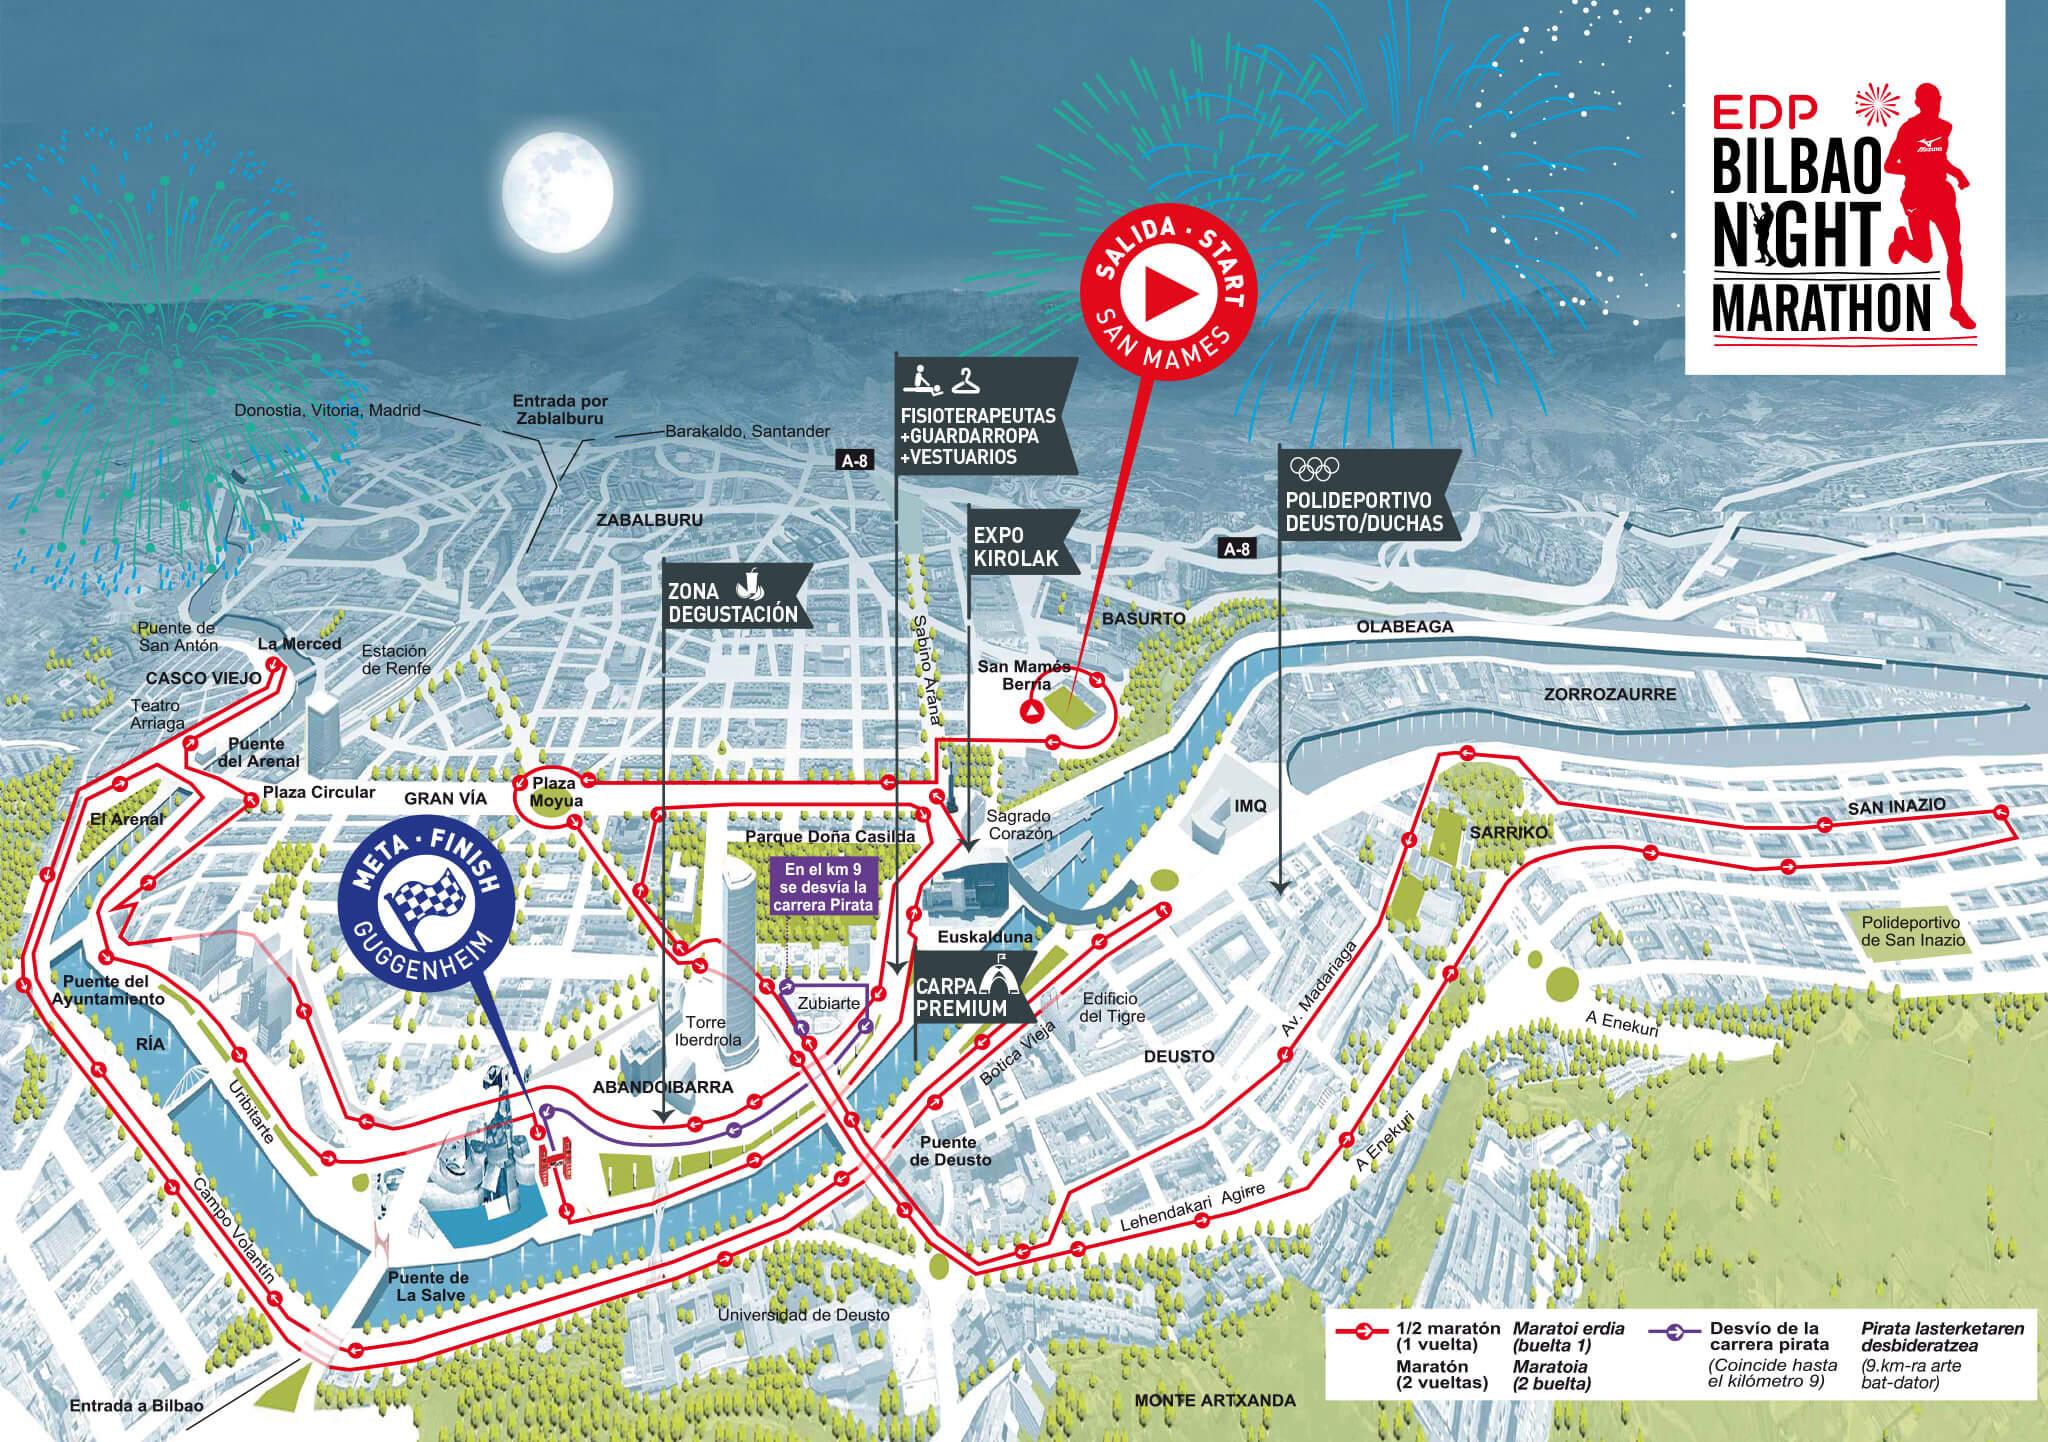 mapa del recorrido de la maratón de bilbao